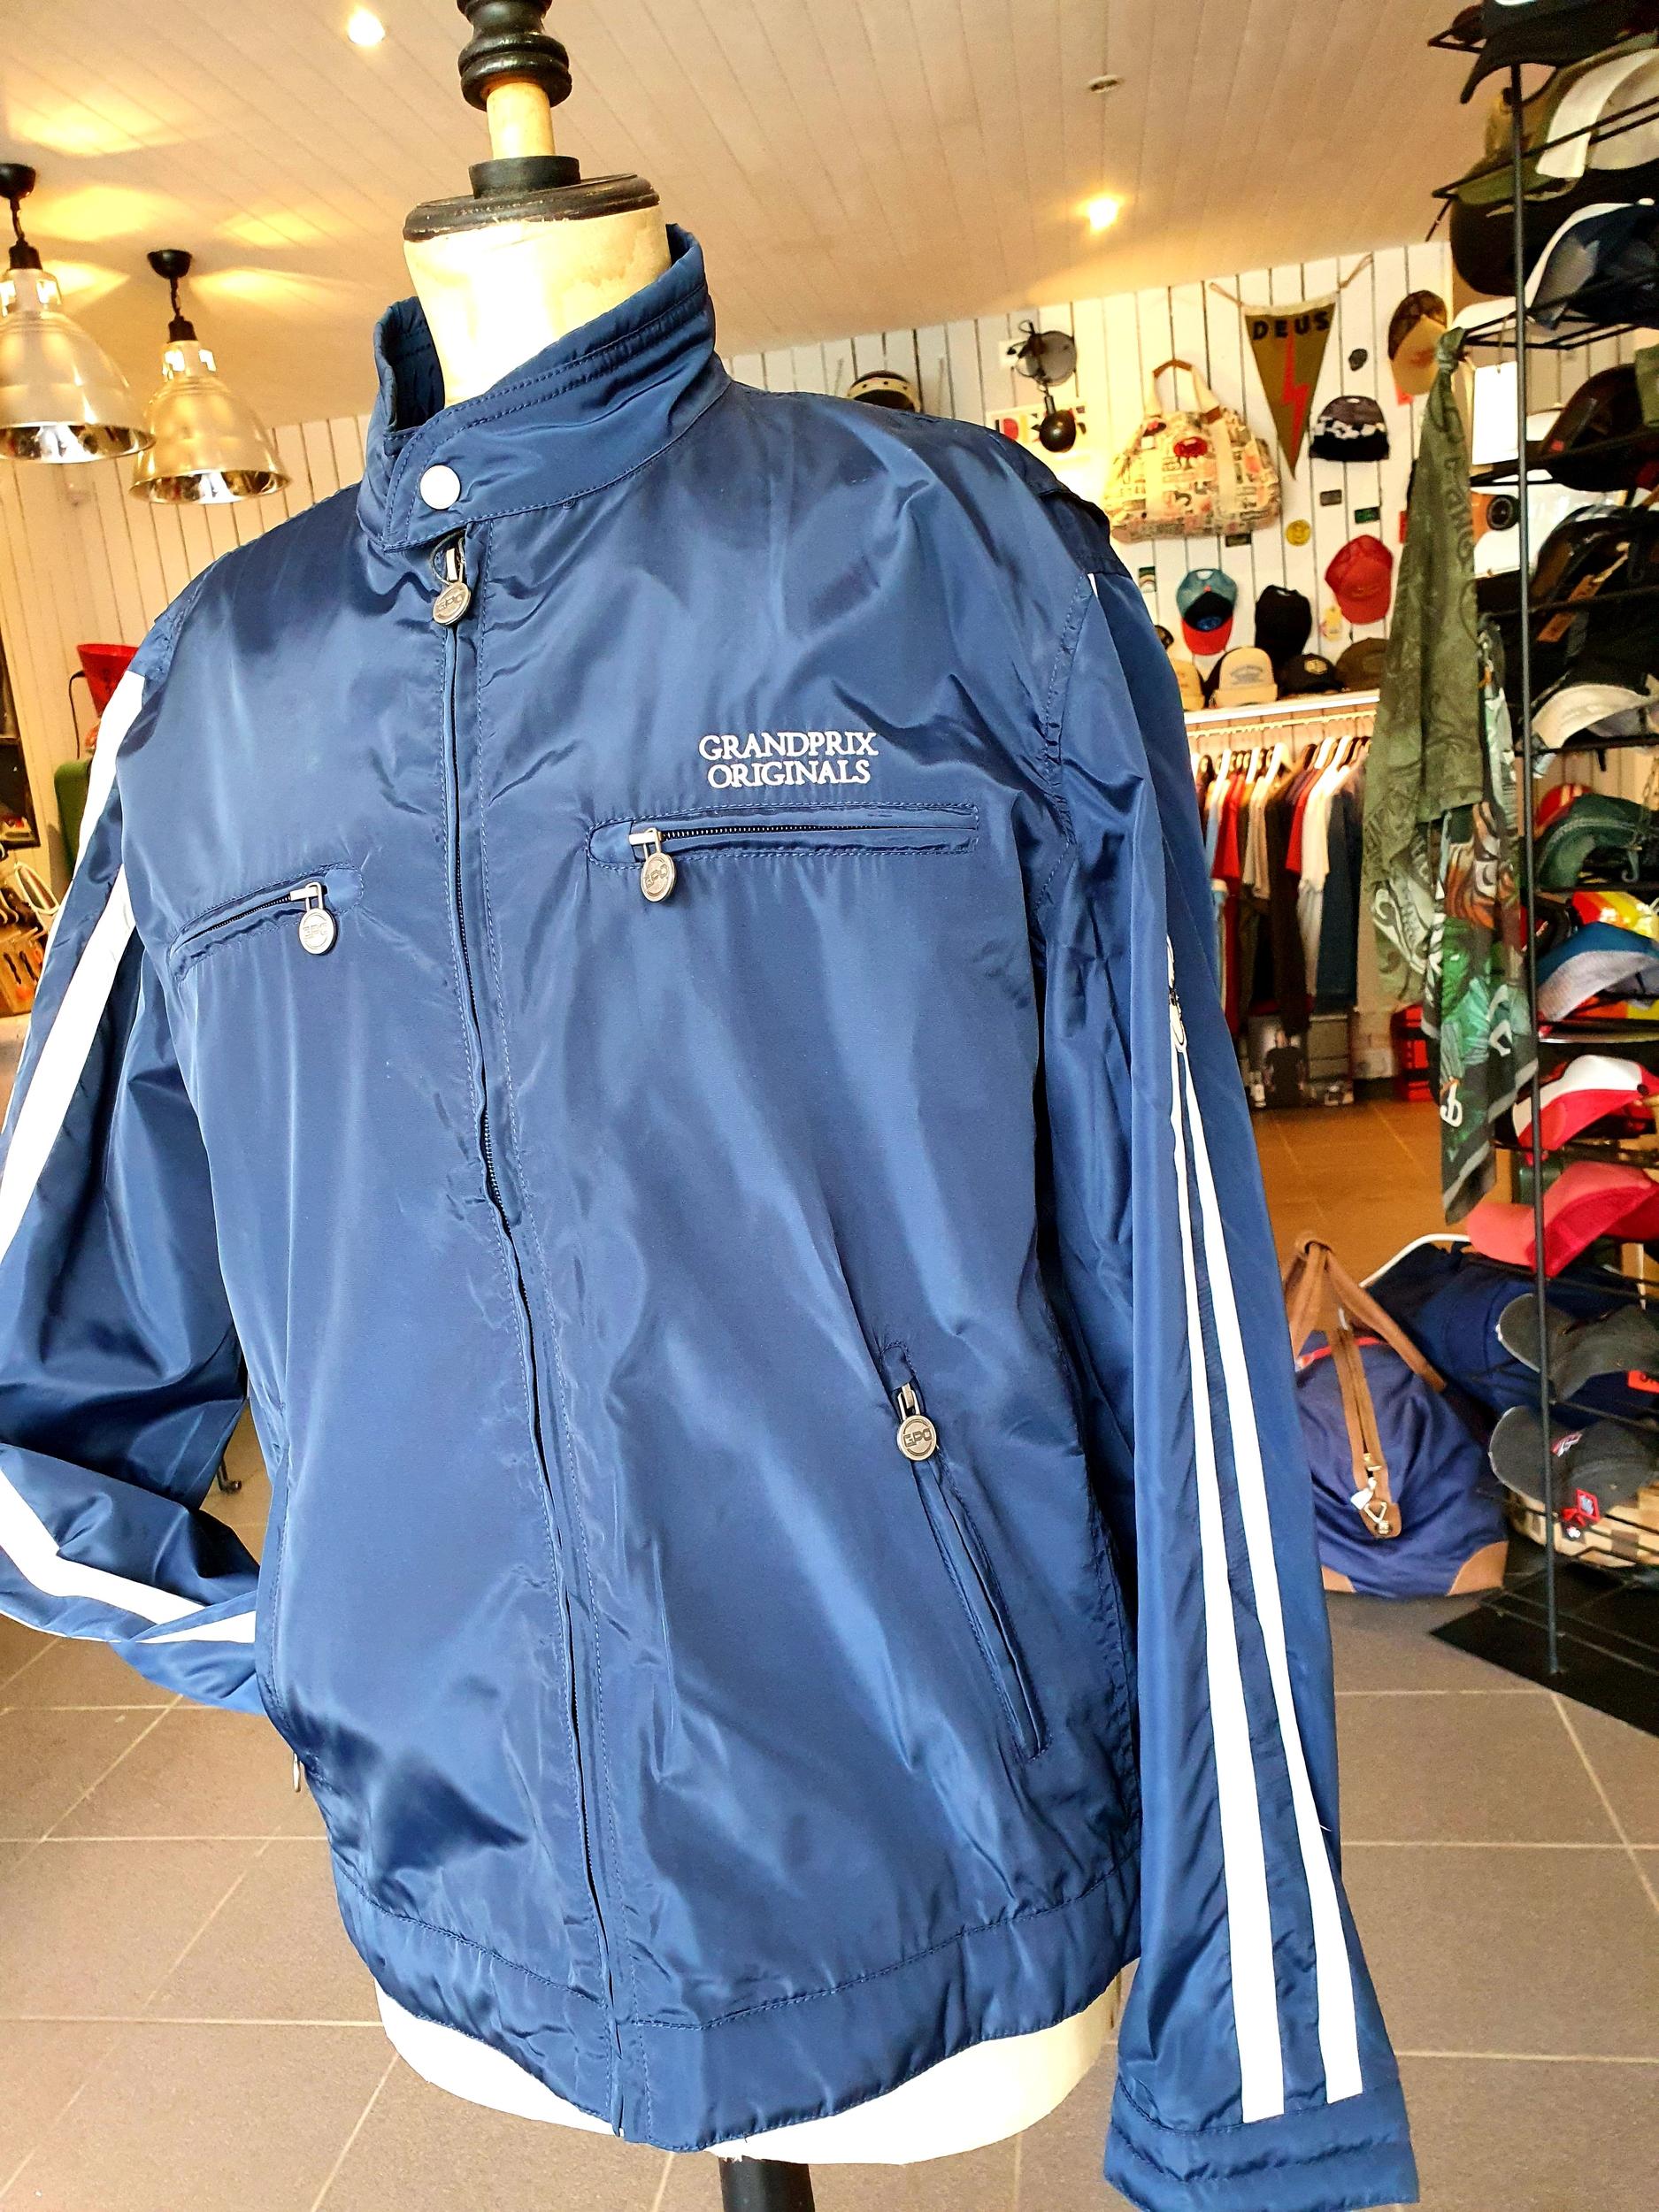 Veste racing Jacket Navy Blue